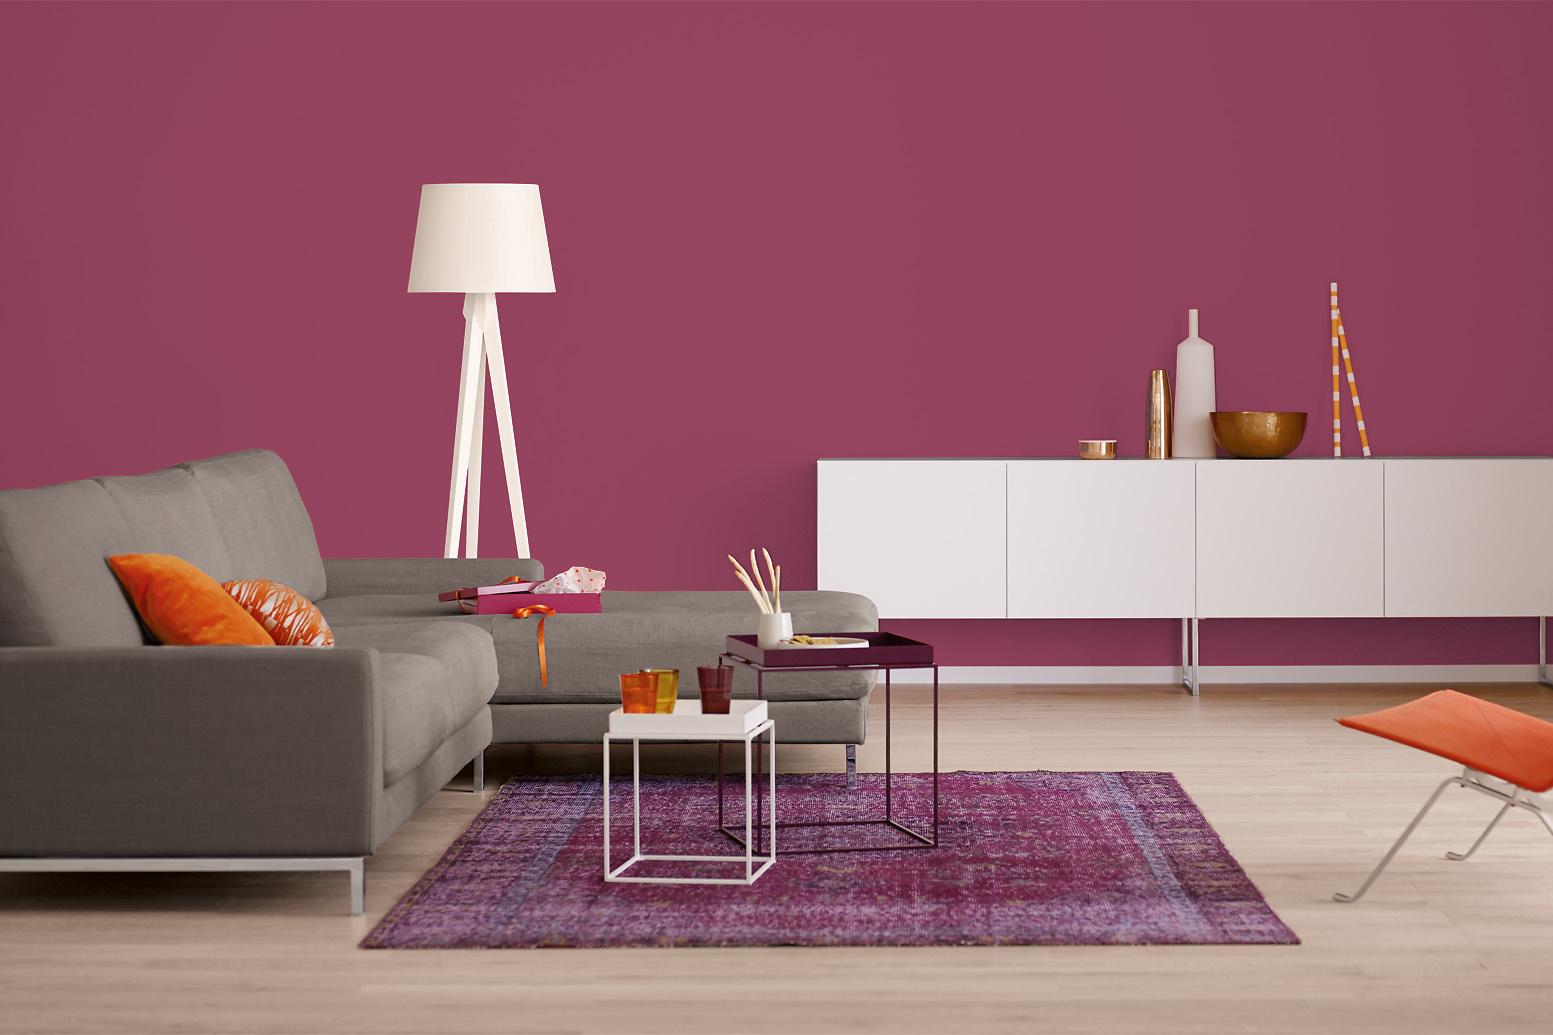 Lieblich Innenfarbe In Violett, Purpur Streichen: Alpina Farbrezepte Rendezvous    Alpina Farben